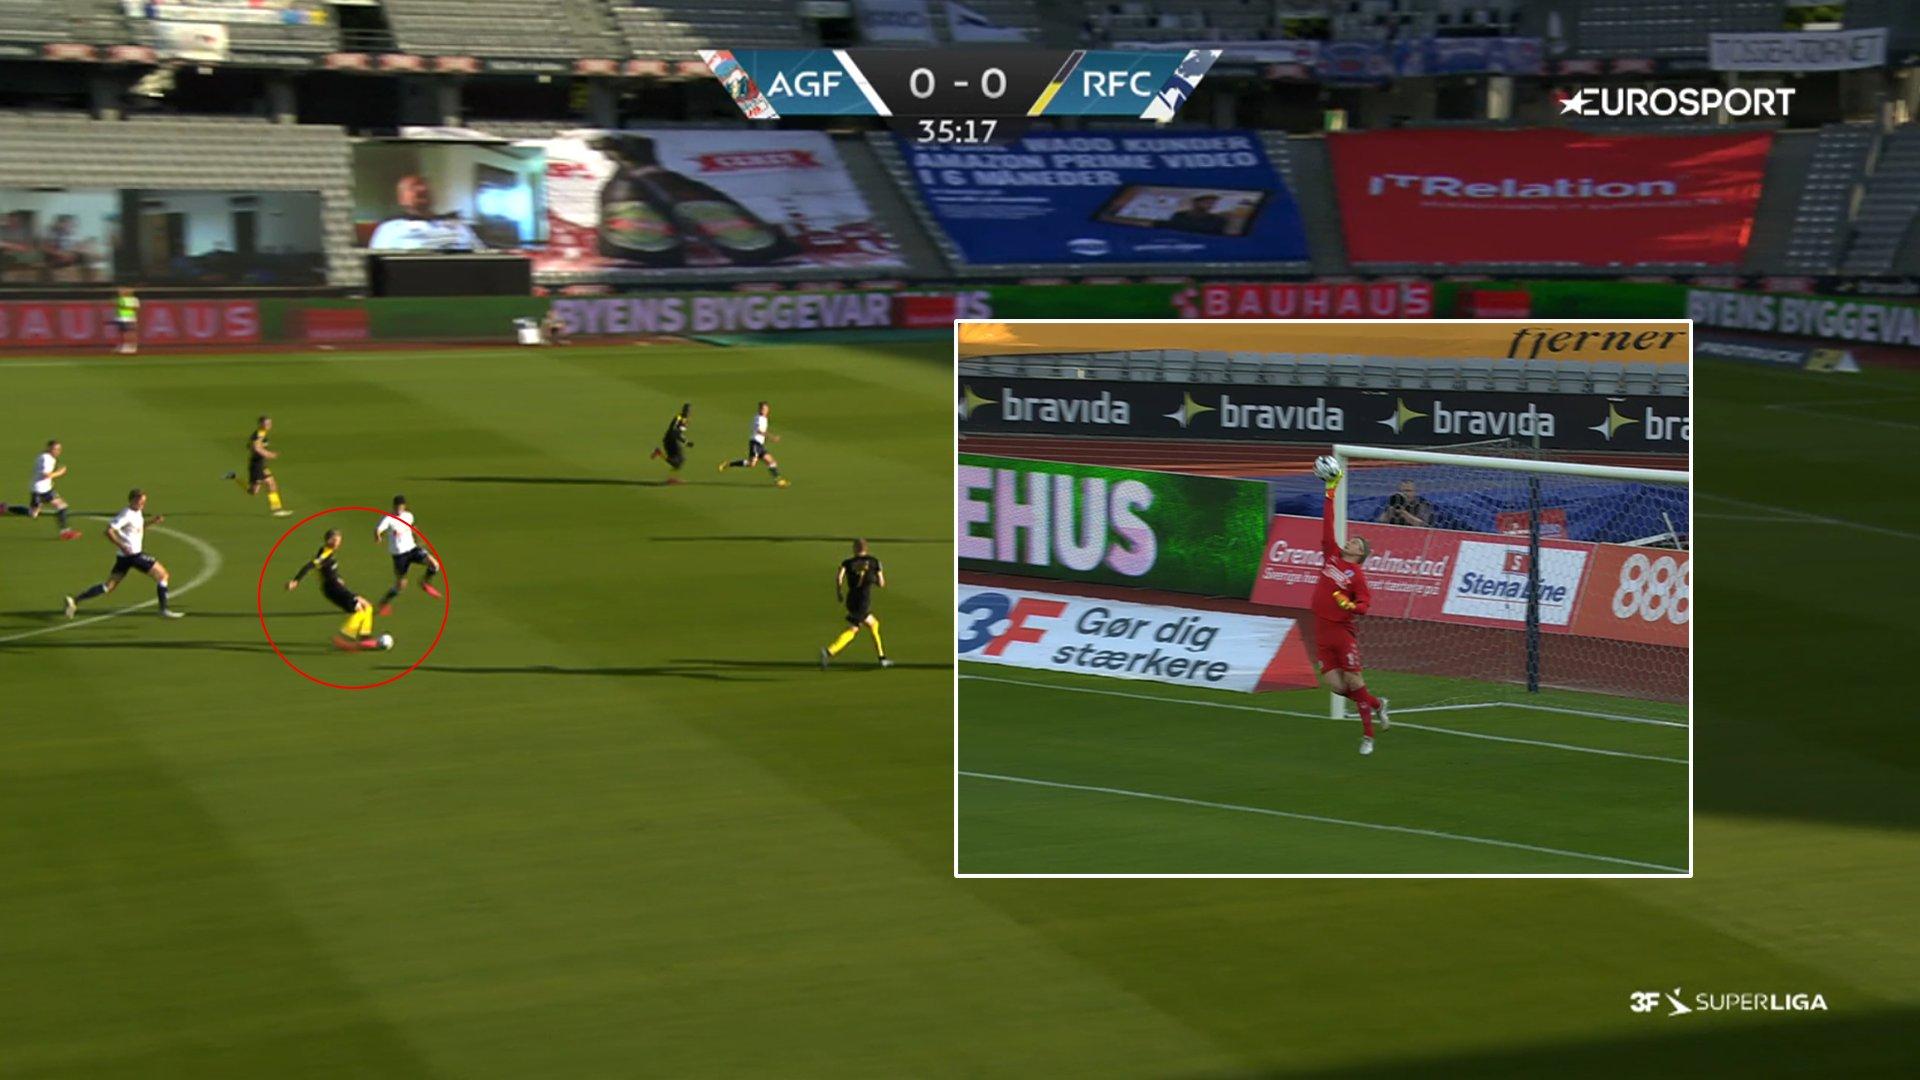 """Tifozë që shohin ndeshjen me """"Zoom"""" dhe gol nga 50 metra, spektakël danez"""